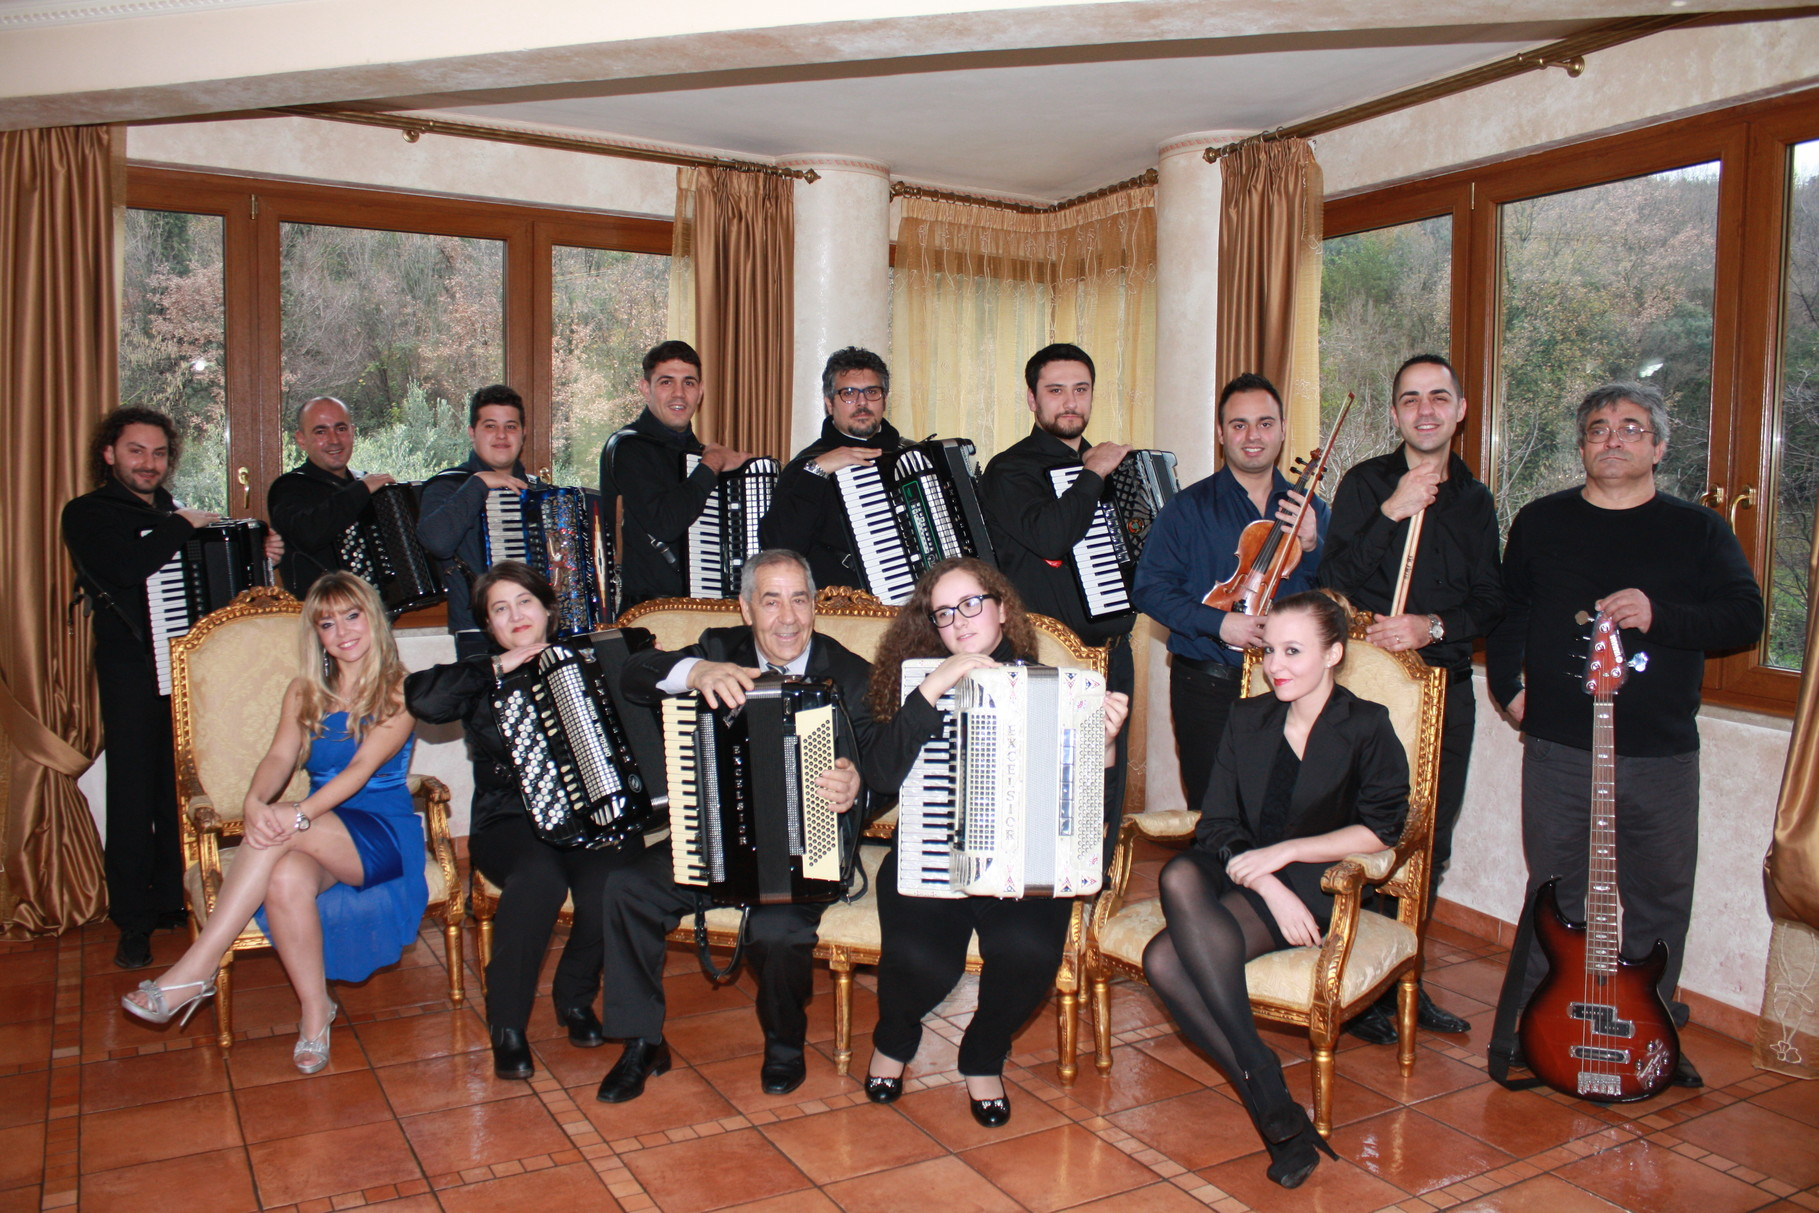 GRANDE FISORCHESTRA CON REPERTORIO DI MUSICA CLASSICA/LEGGERA